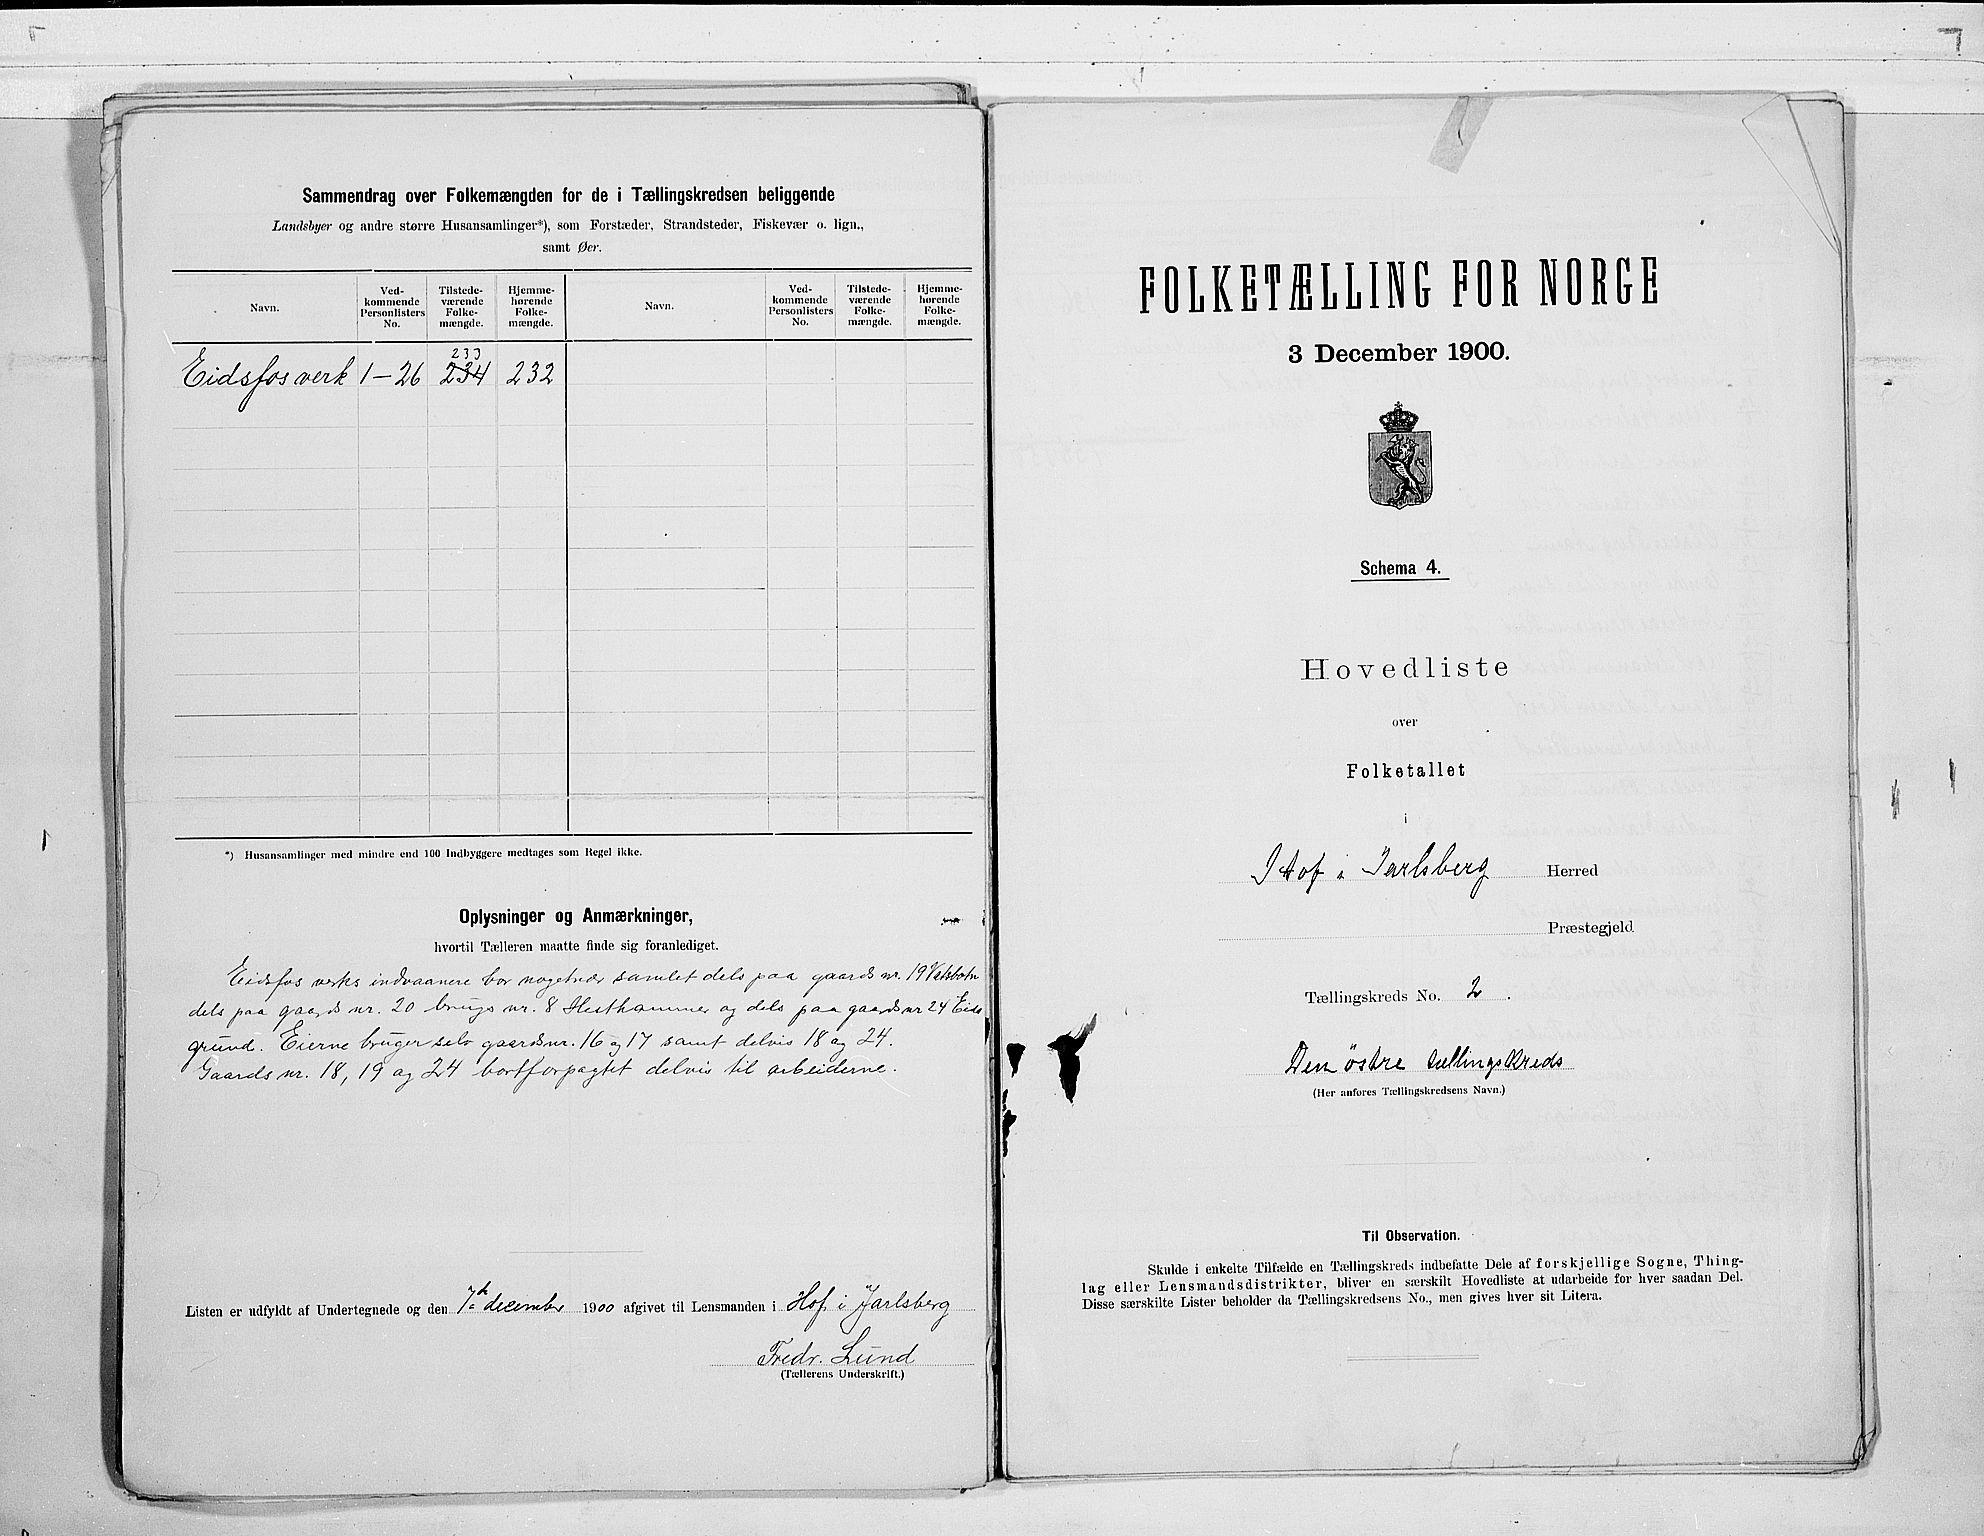 RA, 1900 census for Hof, 1900, p. 8